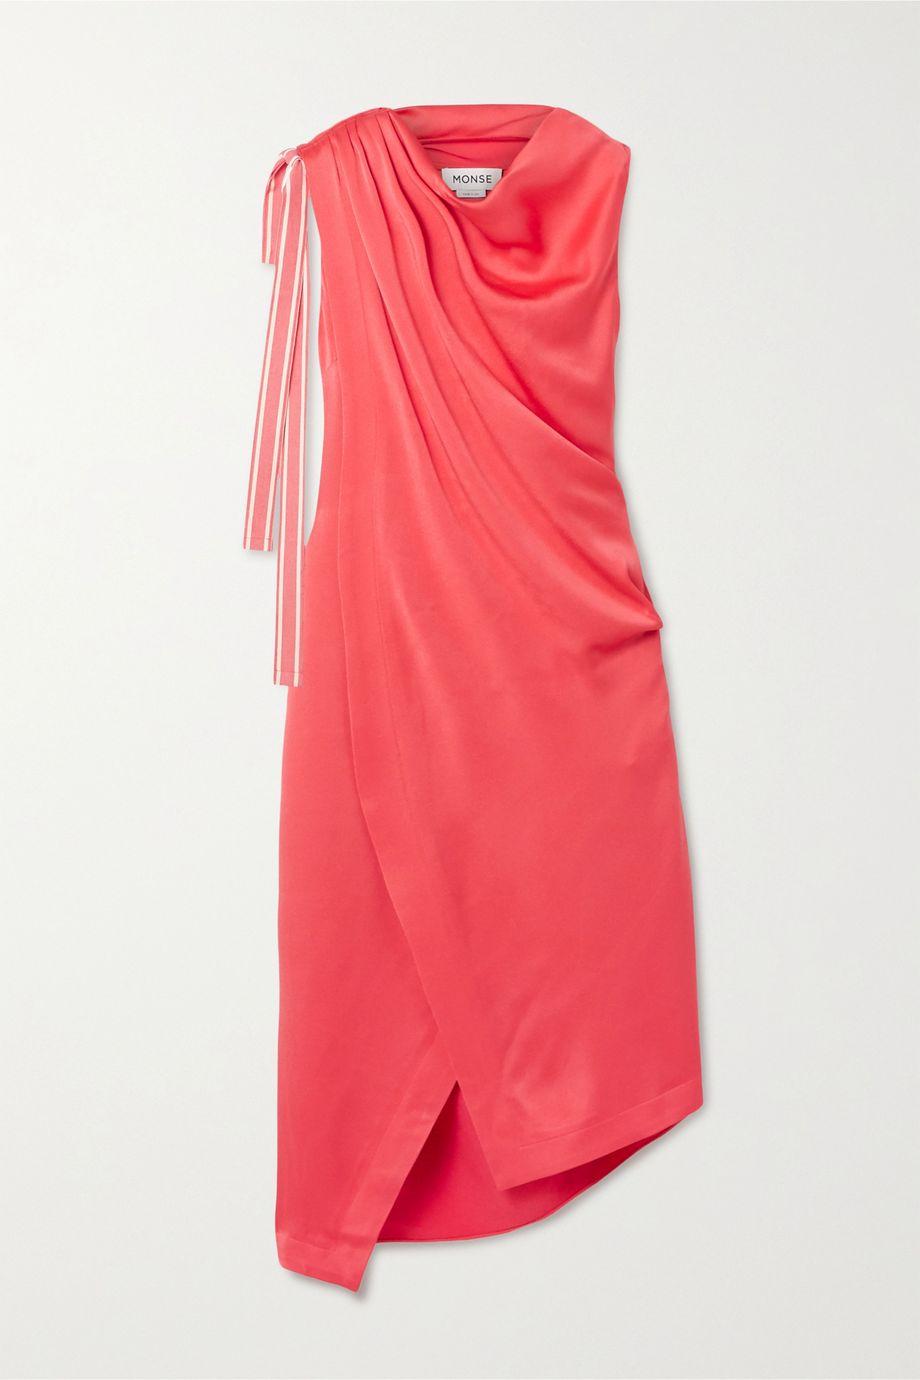 Monse Asymmetric satin-crepe dress